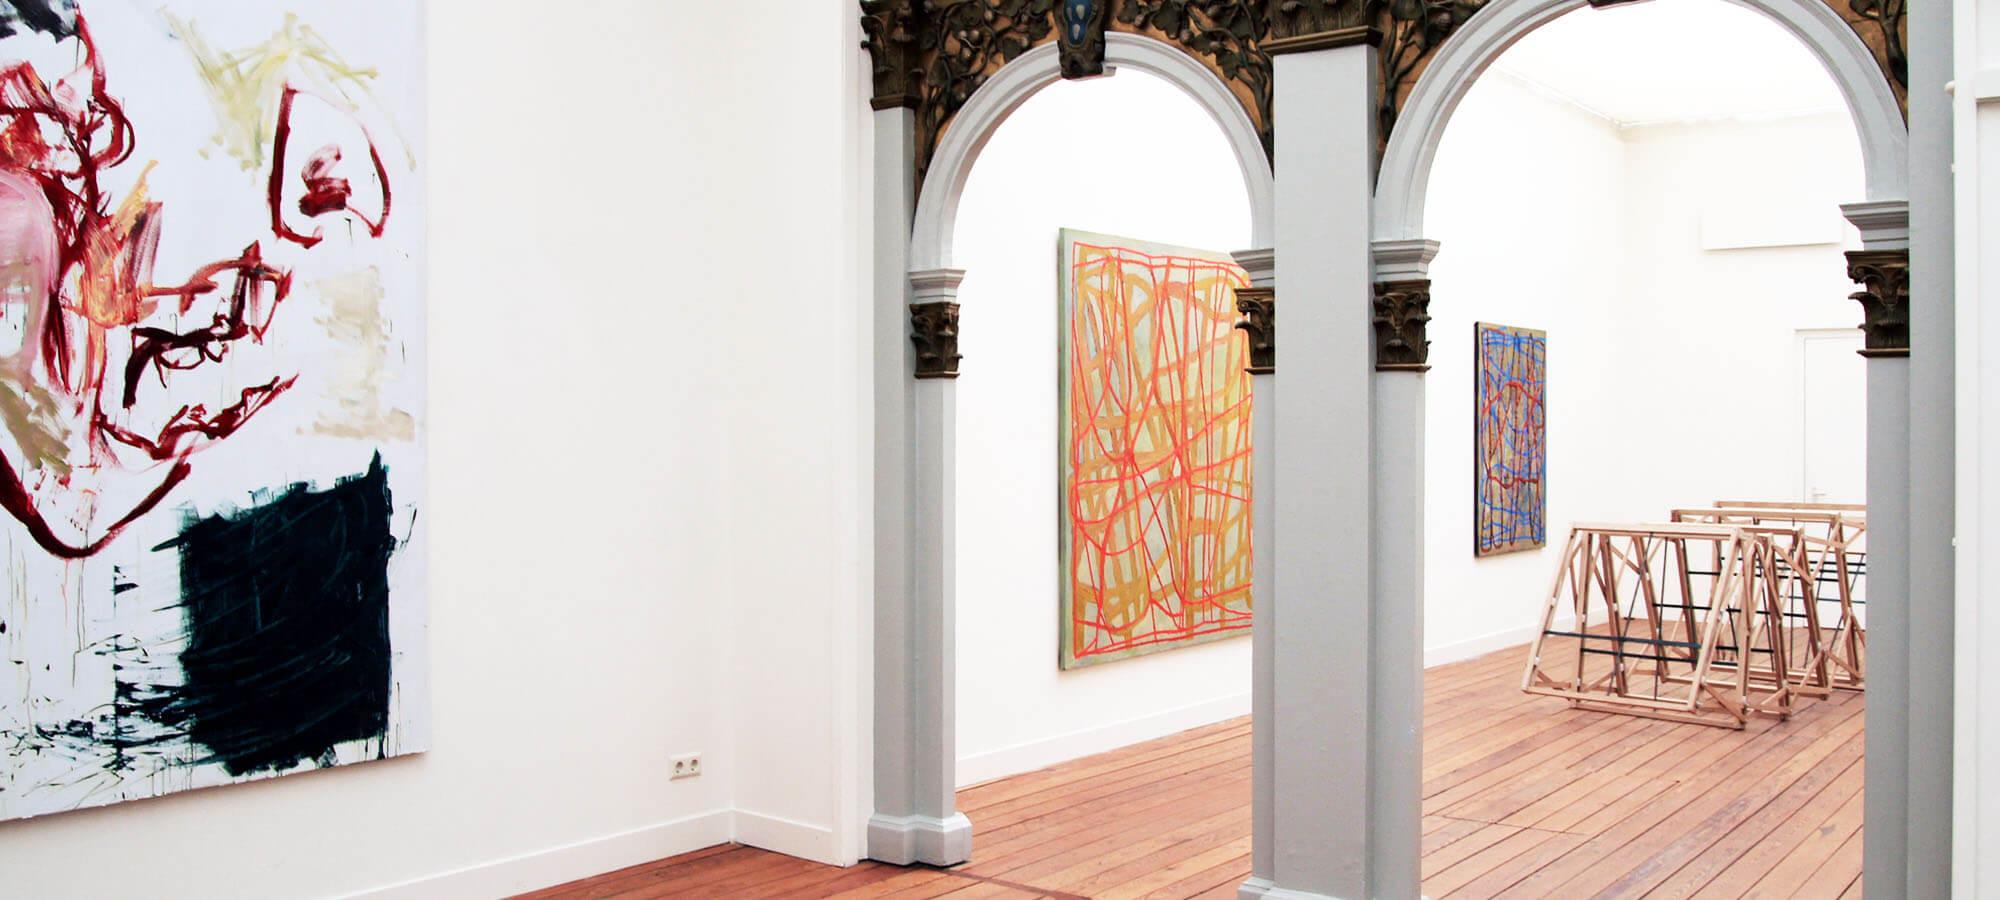 Kunstliefde Ruimte voor Beeldende Kunst